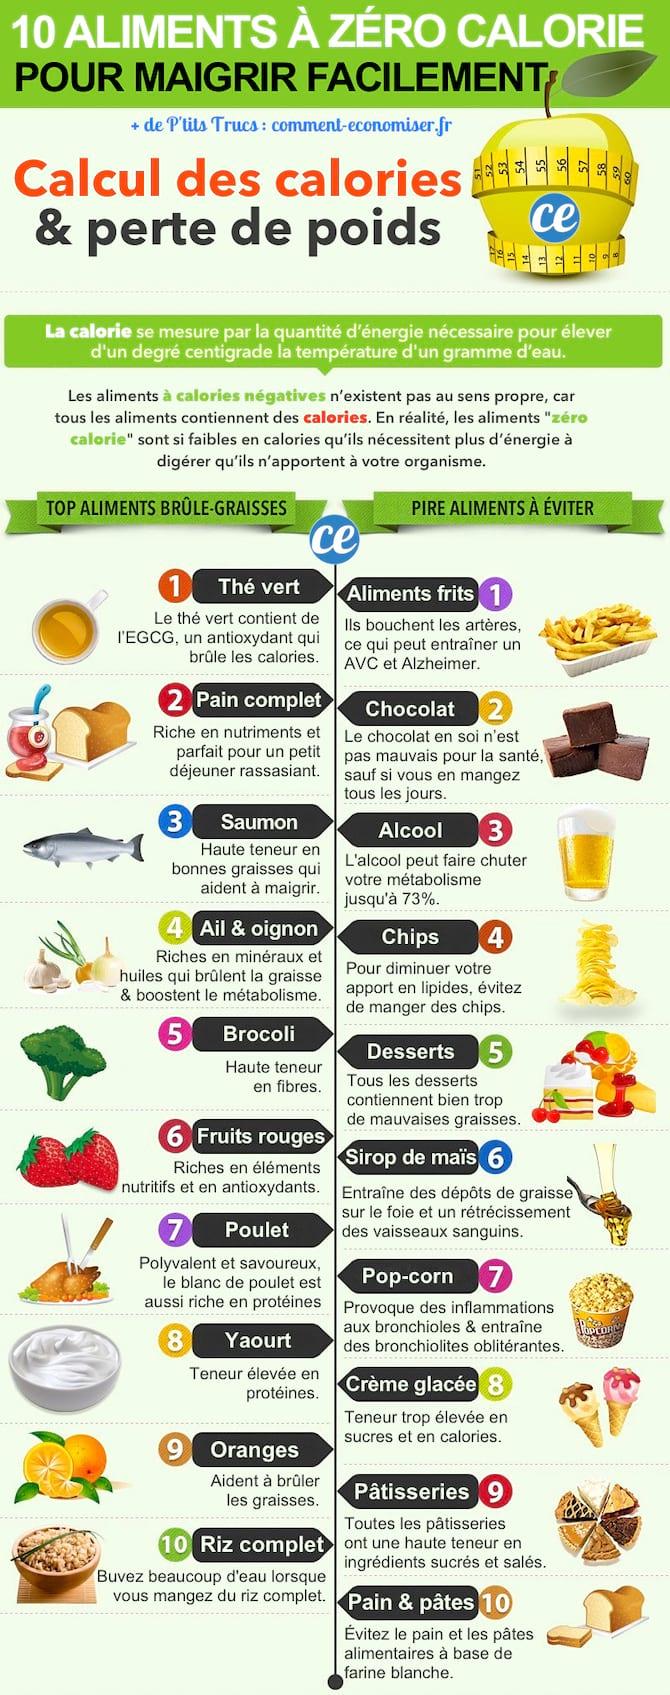 Comment augmenter son métabolisme? I Toutelanutrition